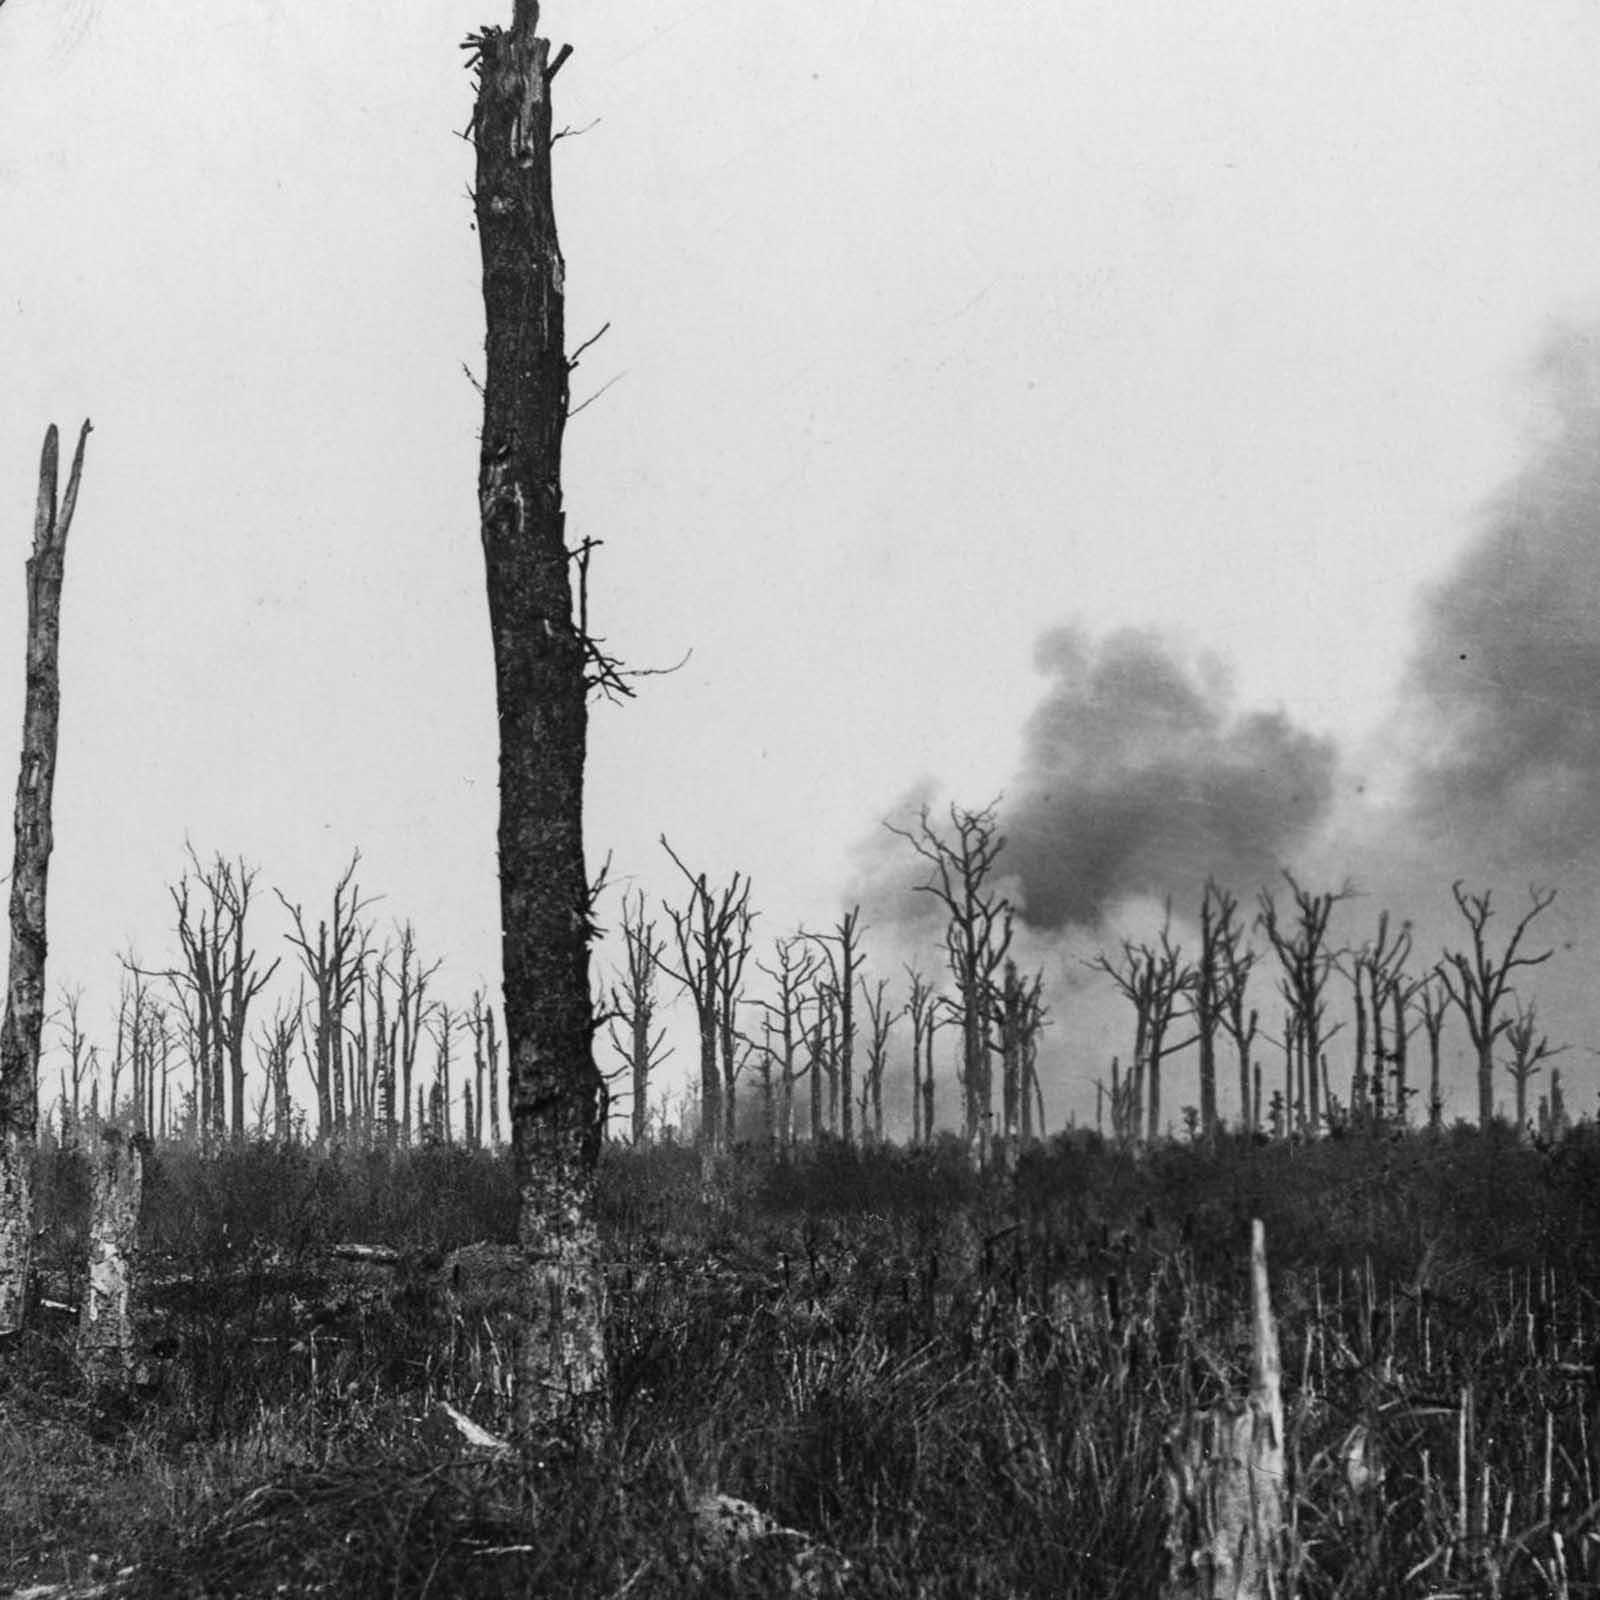 Mametz Wood fue el objetivo de la 38ª División (Gales) en la Batalla del Somme. La división se llevó 4.000 bajas capturando la madera.